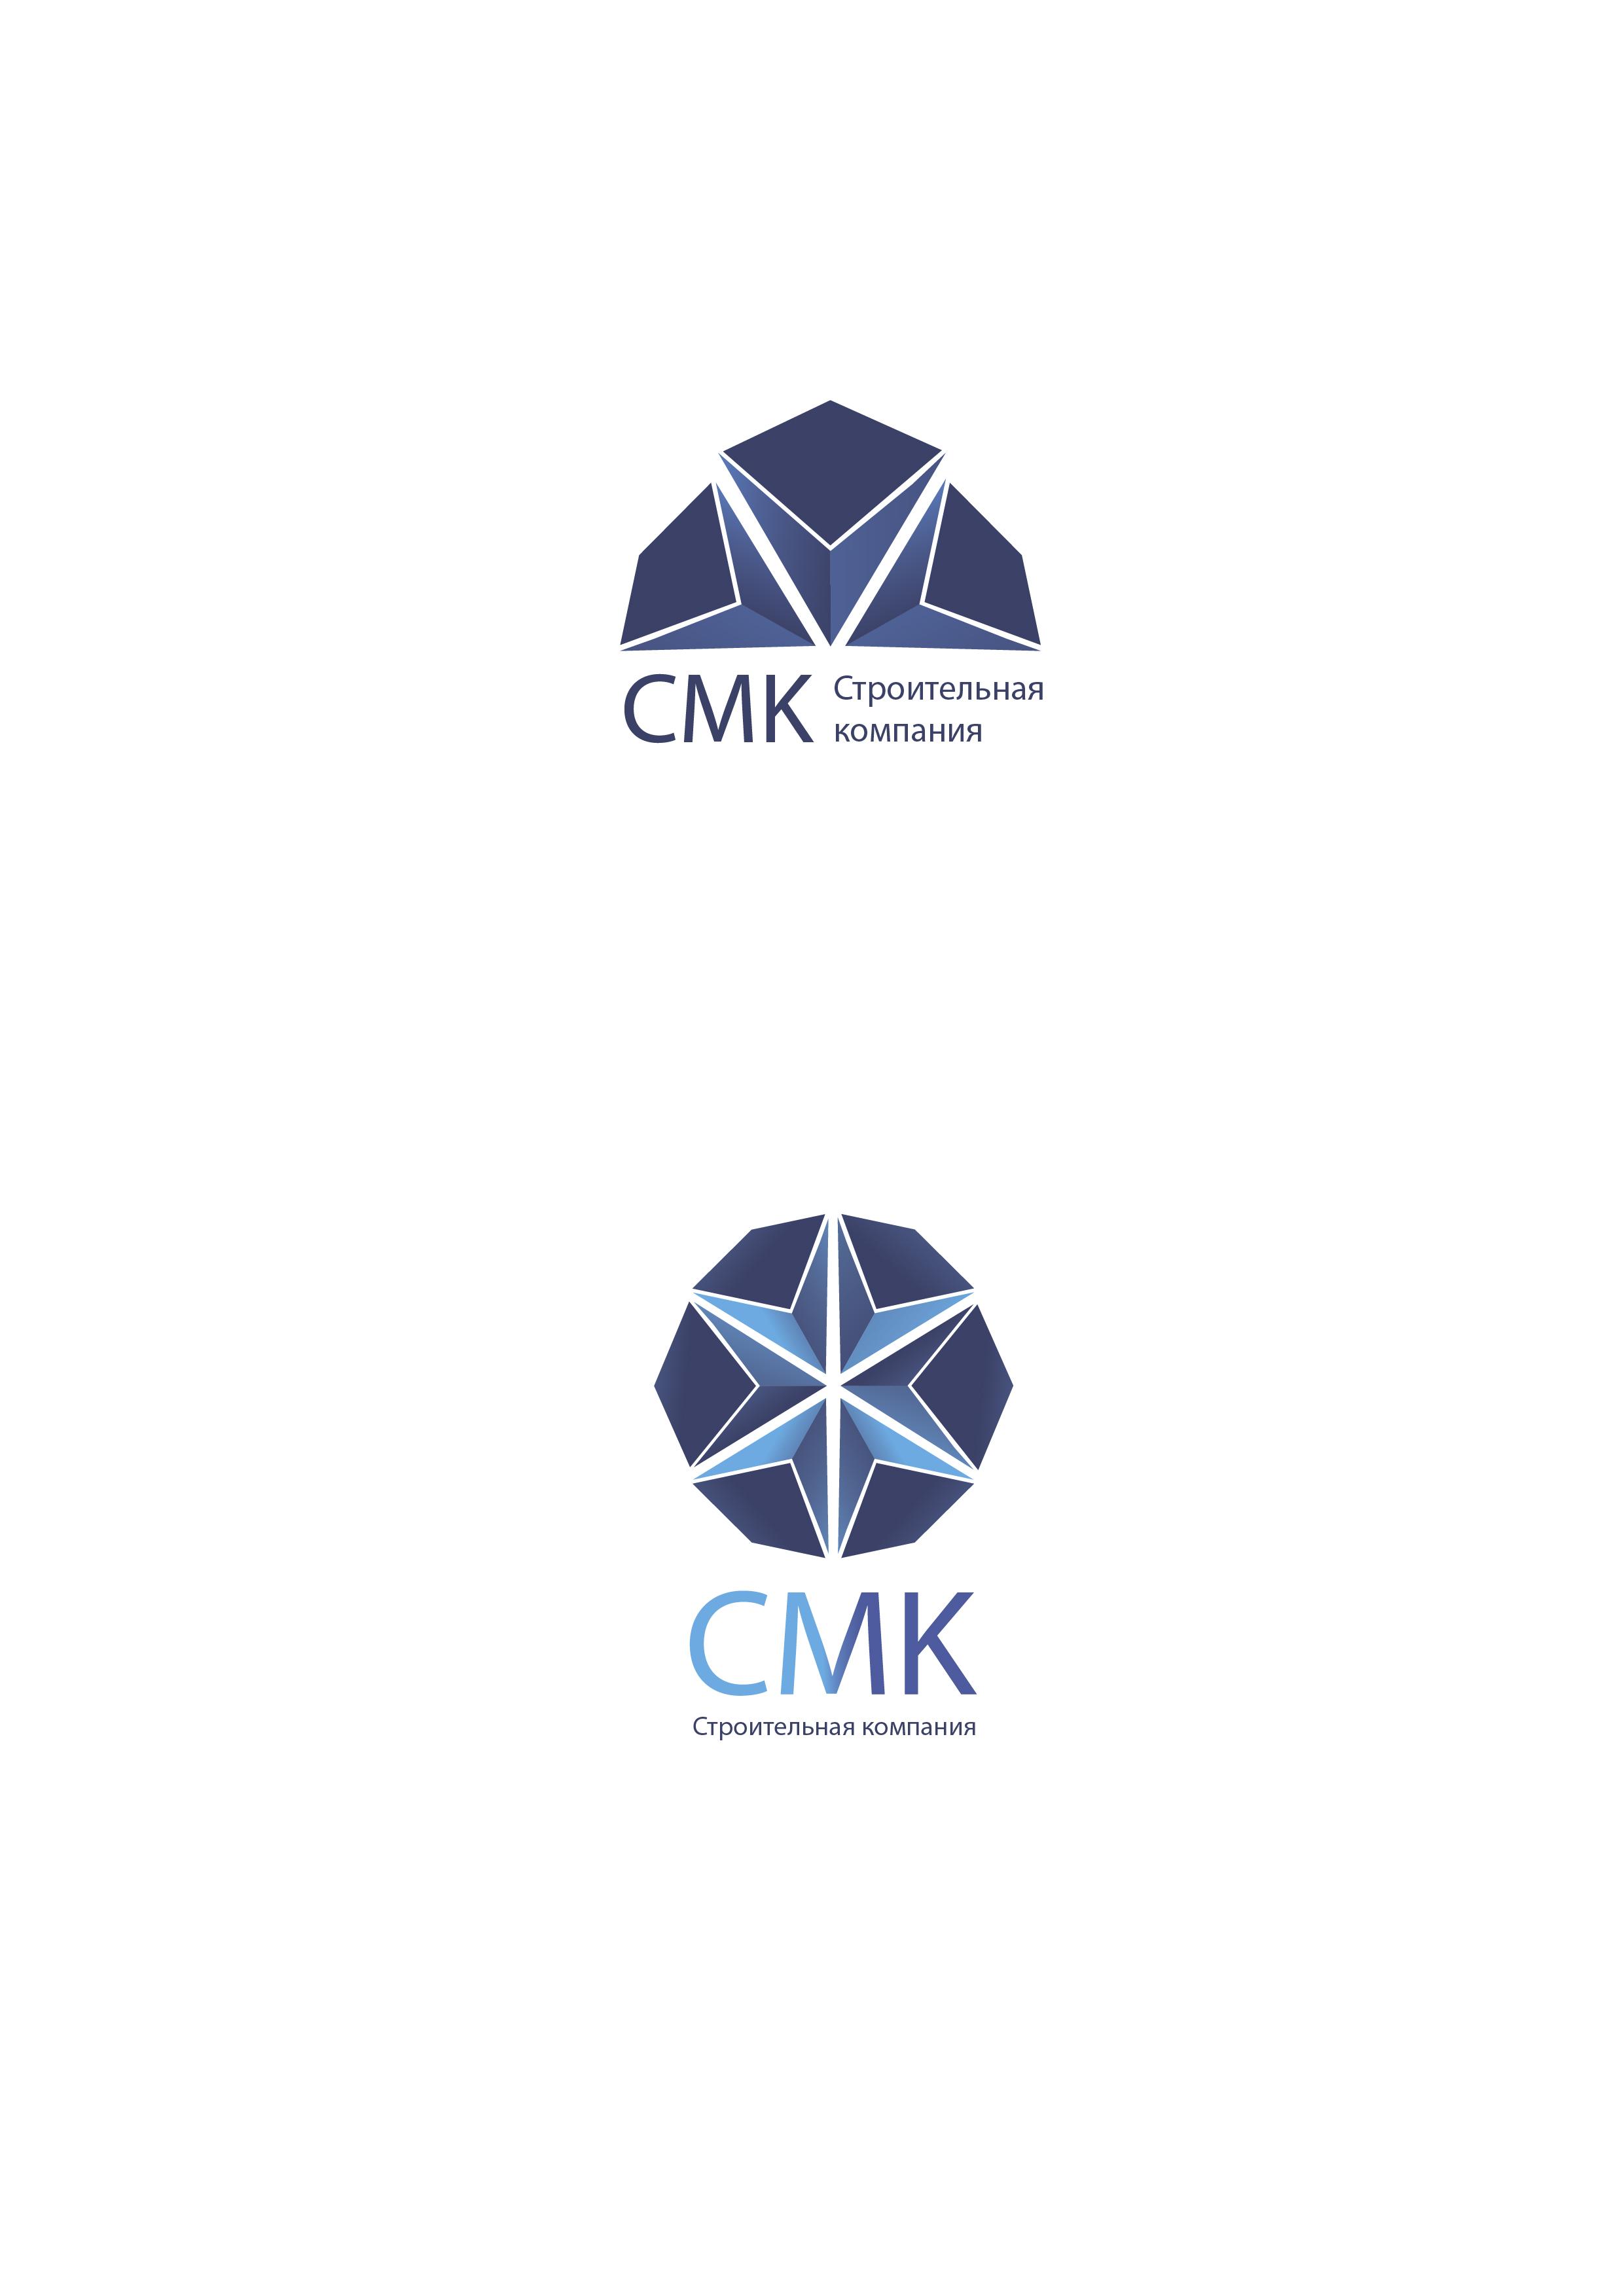 Разработка логотипа компании фото f_4895dcd473f7c326.jpg